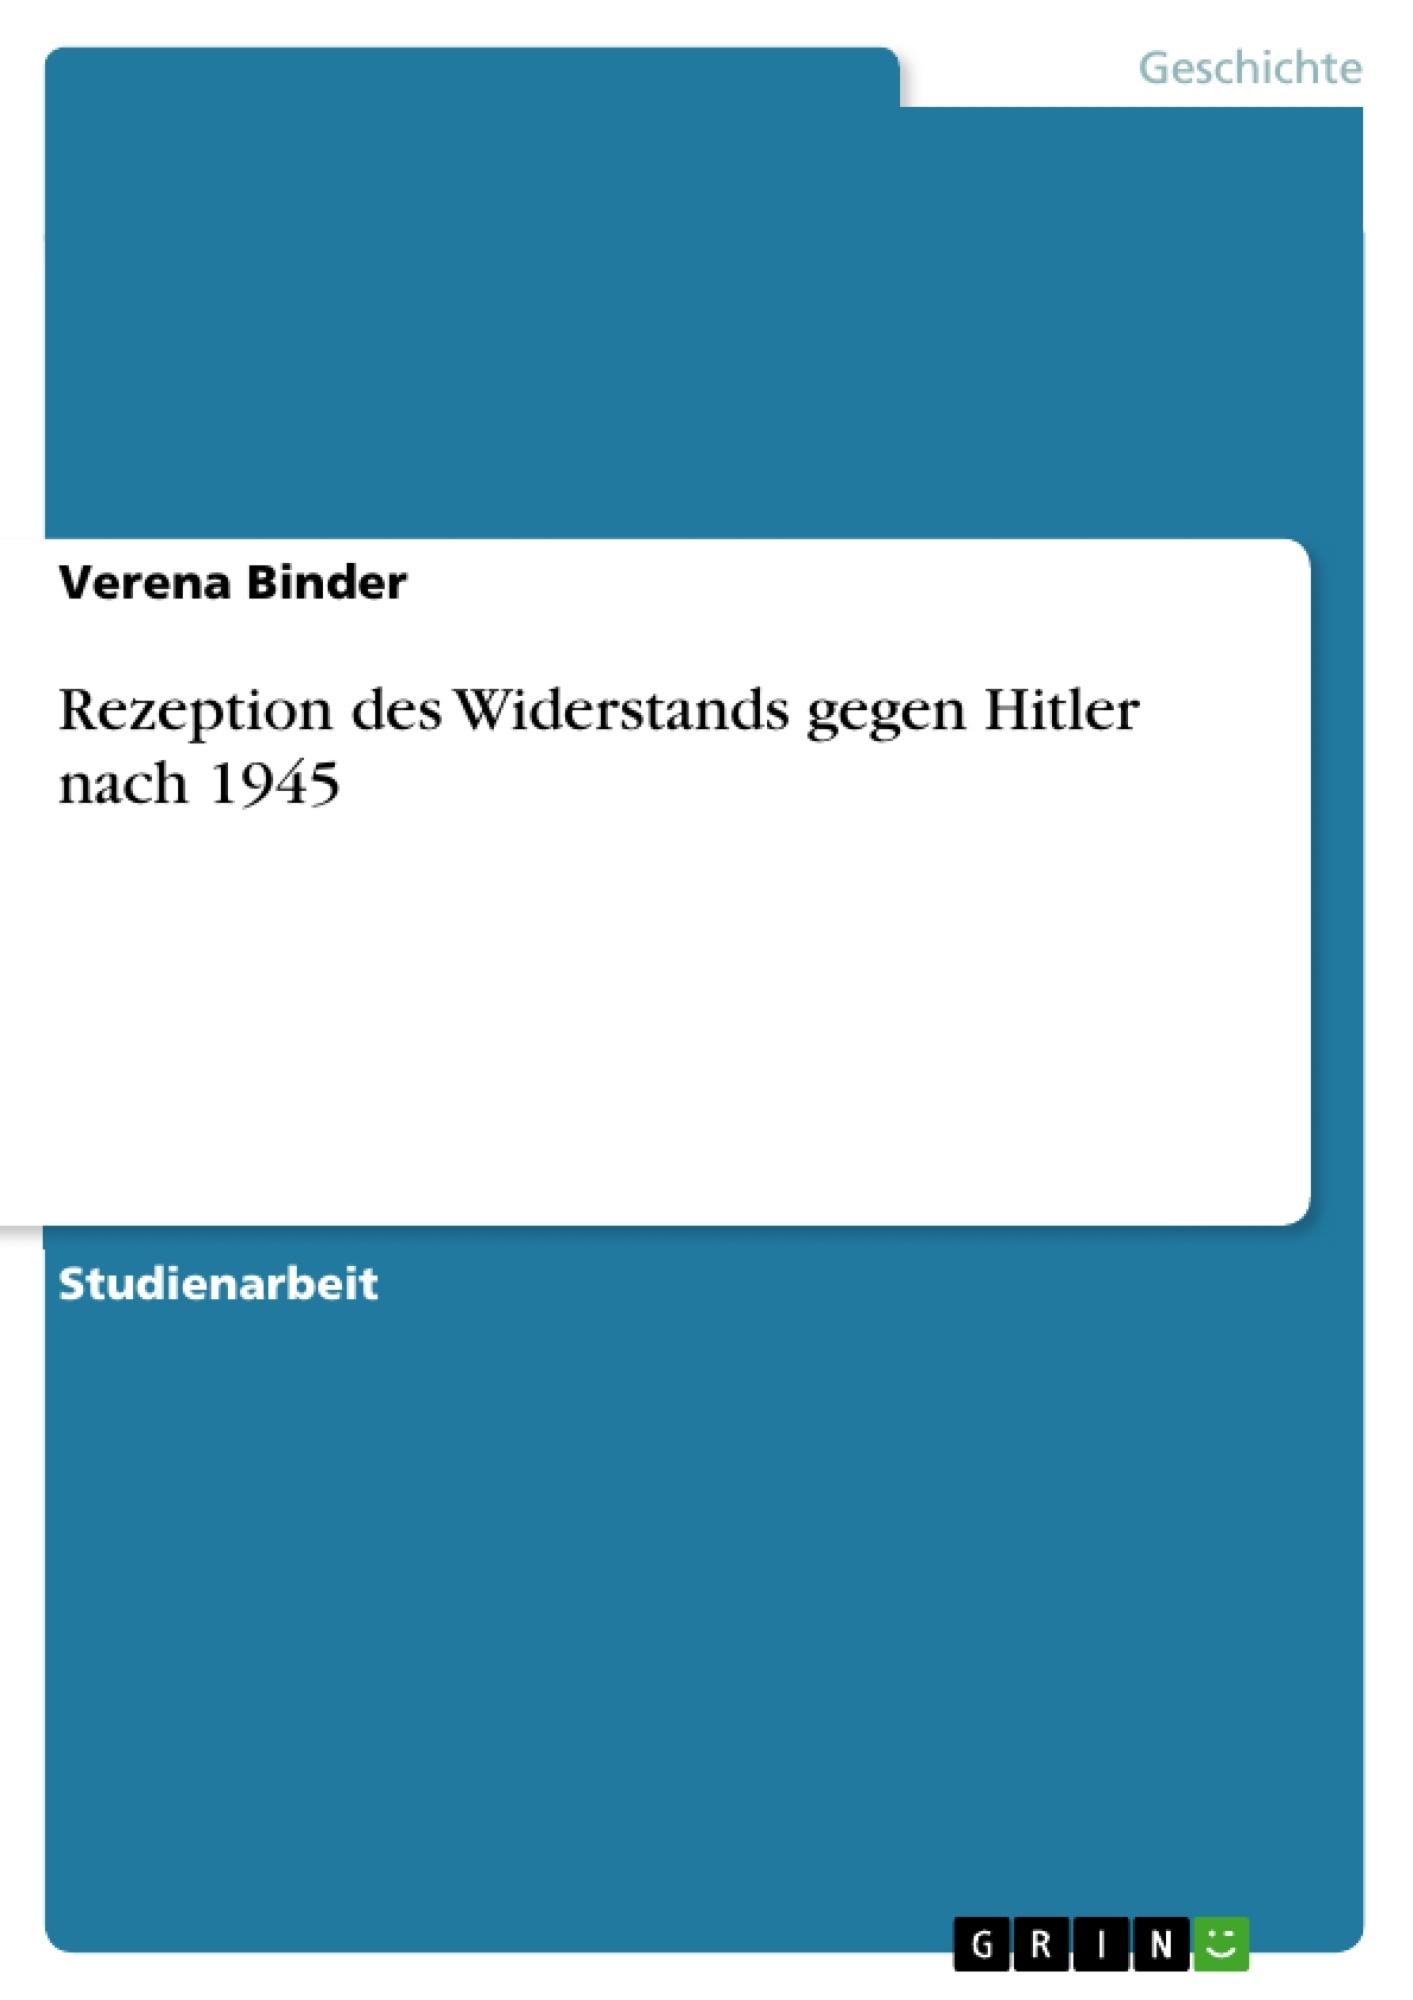 Titel: Rezeption des Widerstands gegen Hitler nach 1945